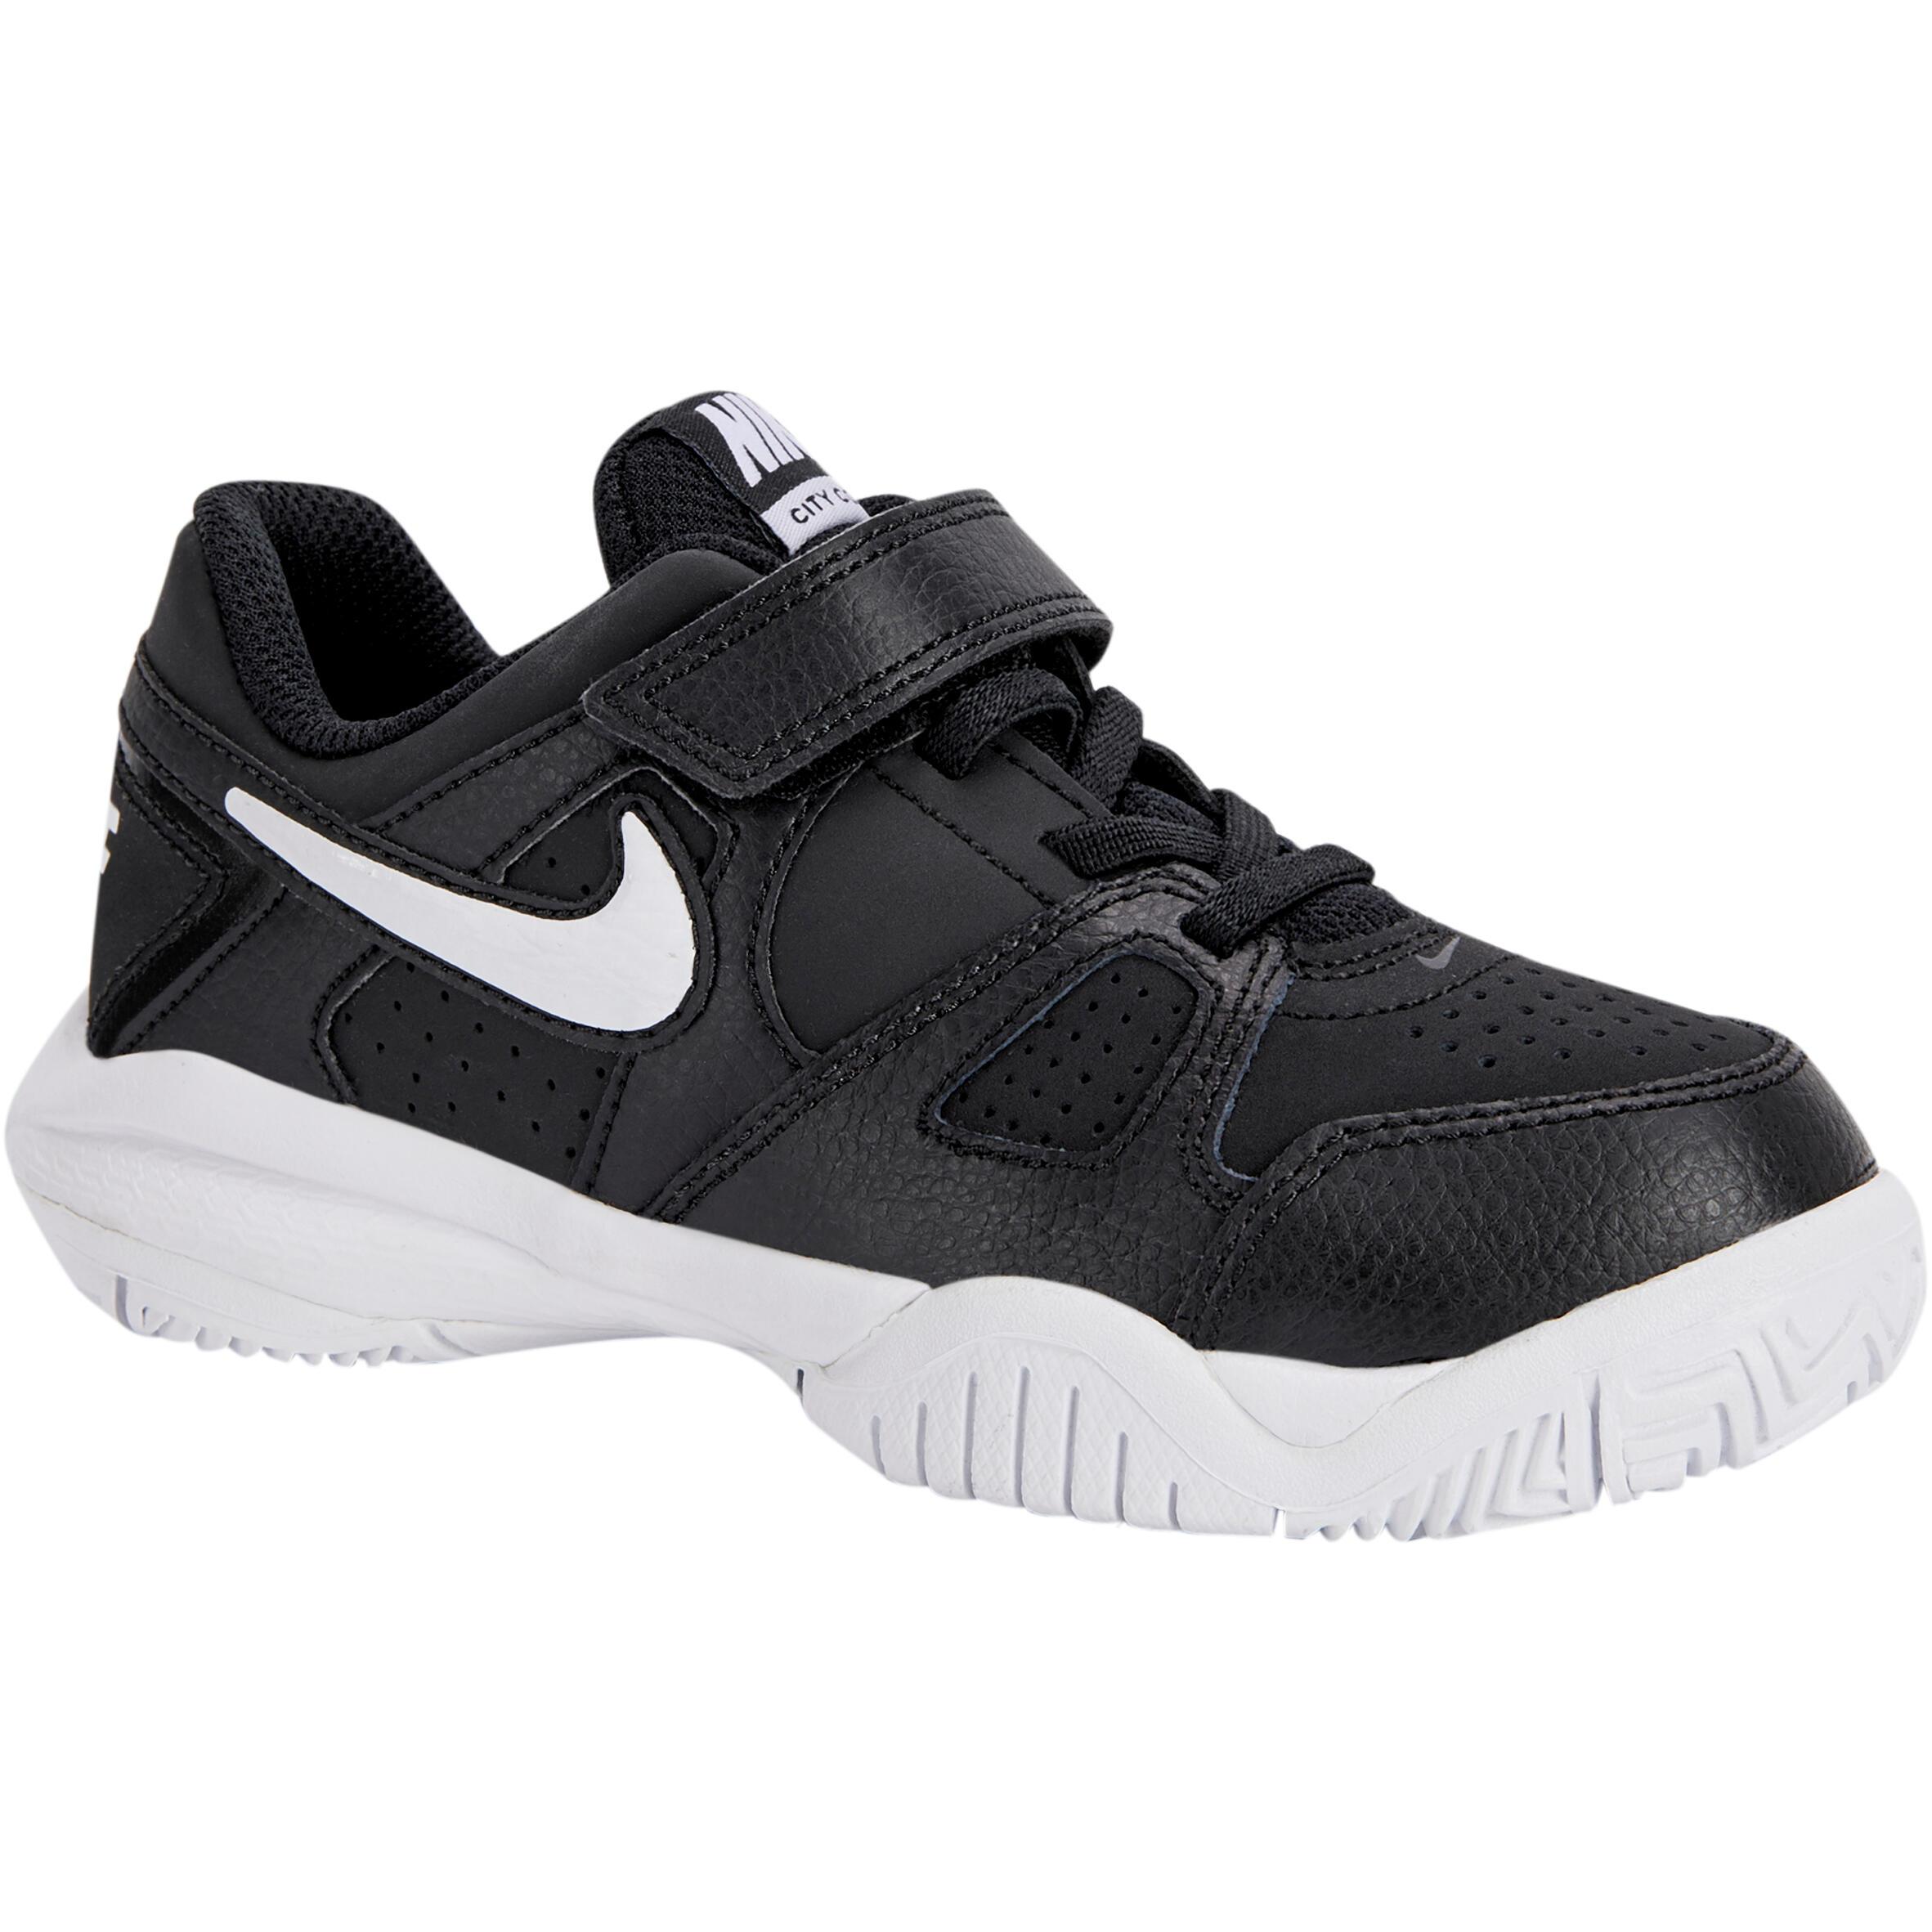 Nike Tennisschoenen voor kinderen Nike City Court zwart